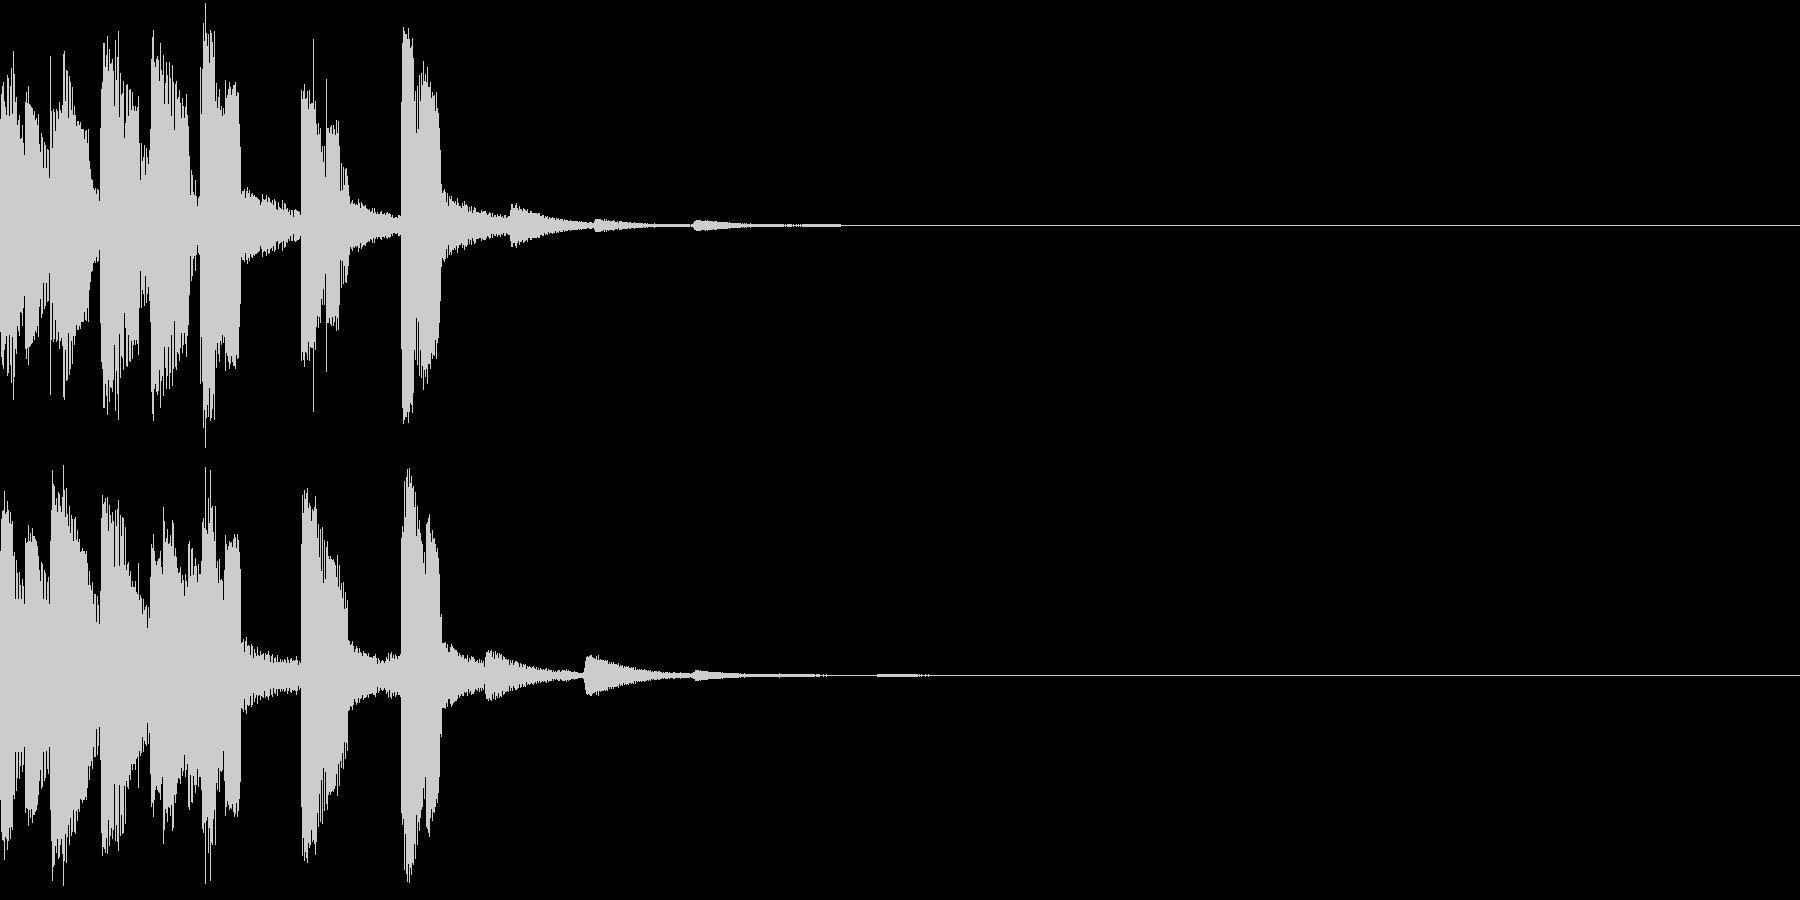 スタート アイテム 使う レベル ゲージの未再生の波形